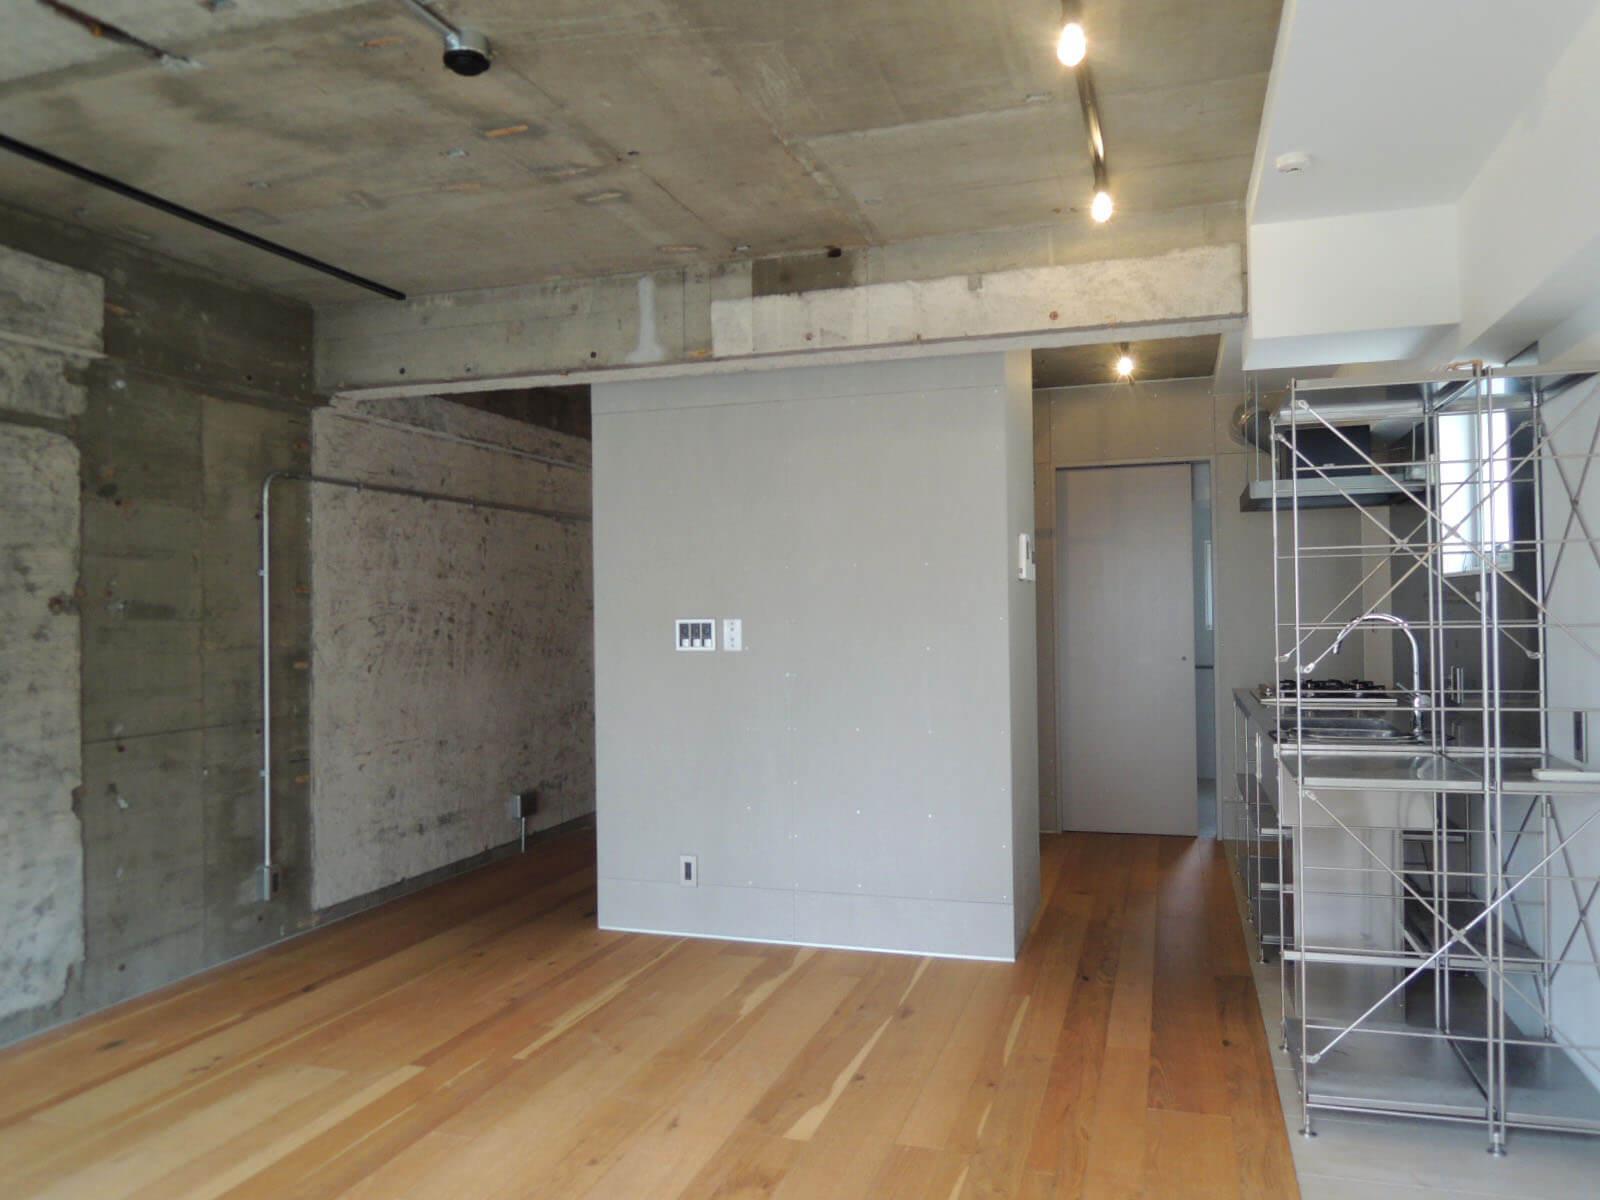 壁面が多いから家具のレイアウトはさほど困らなそう。